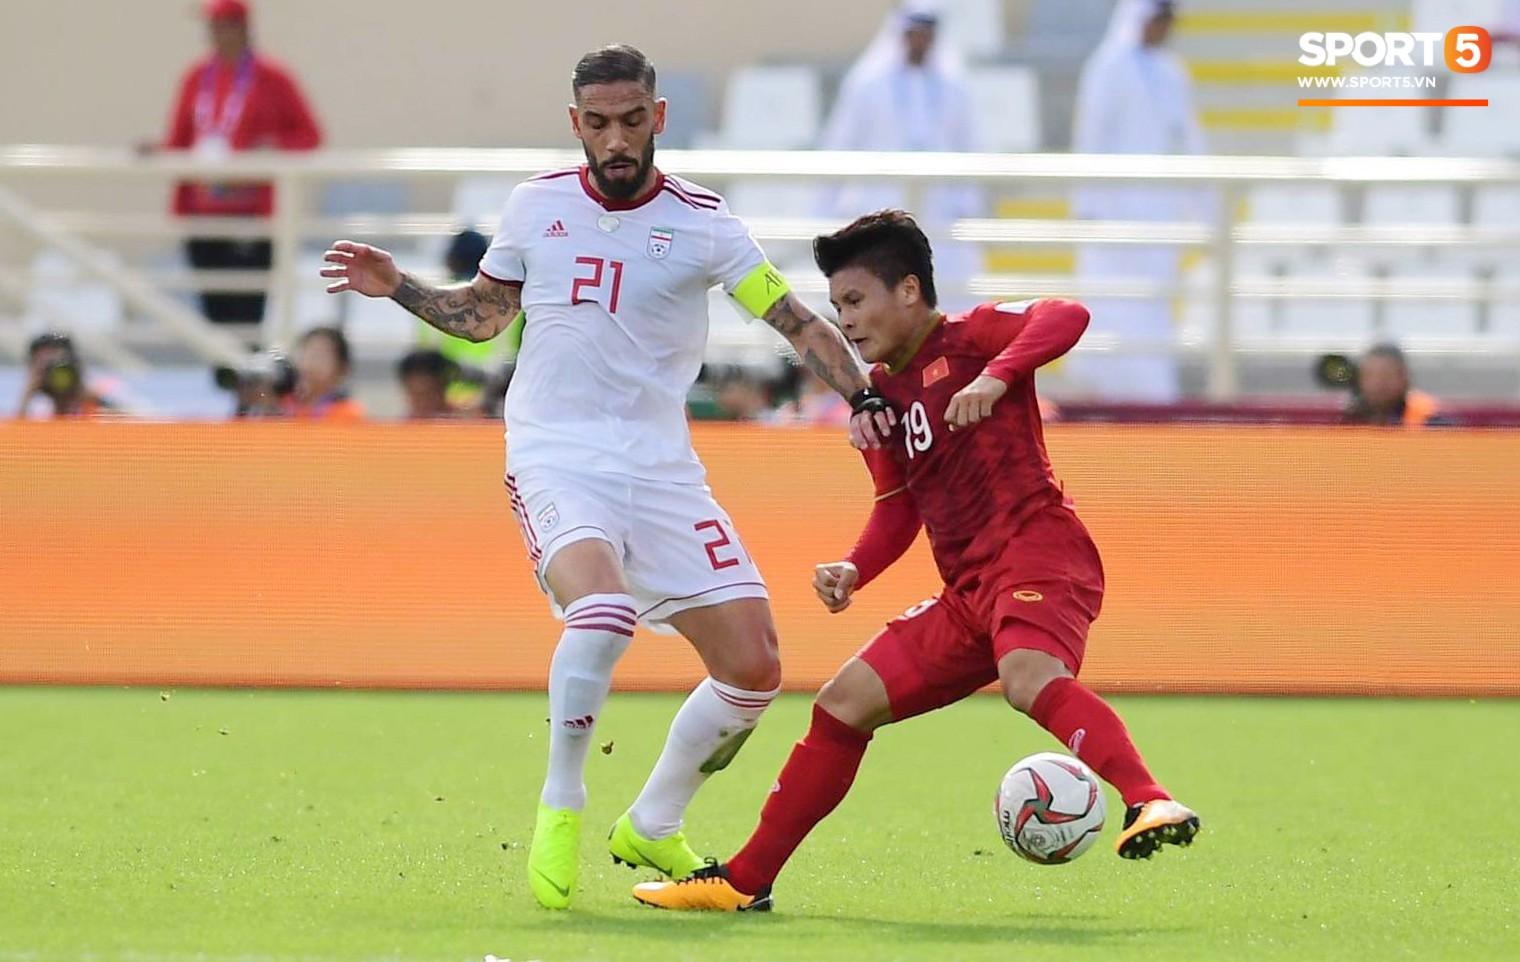 Quang Hải hét lớn, hô hào đồng đội đứng dậy sau bàn thua-1